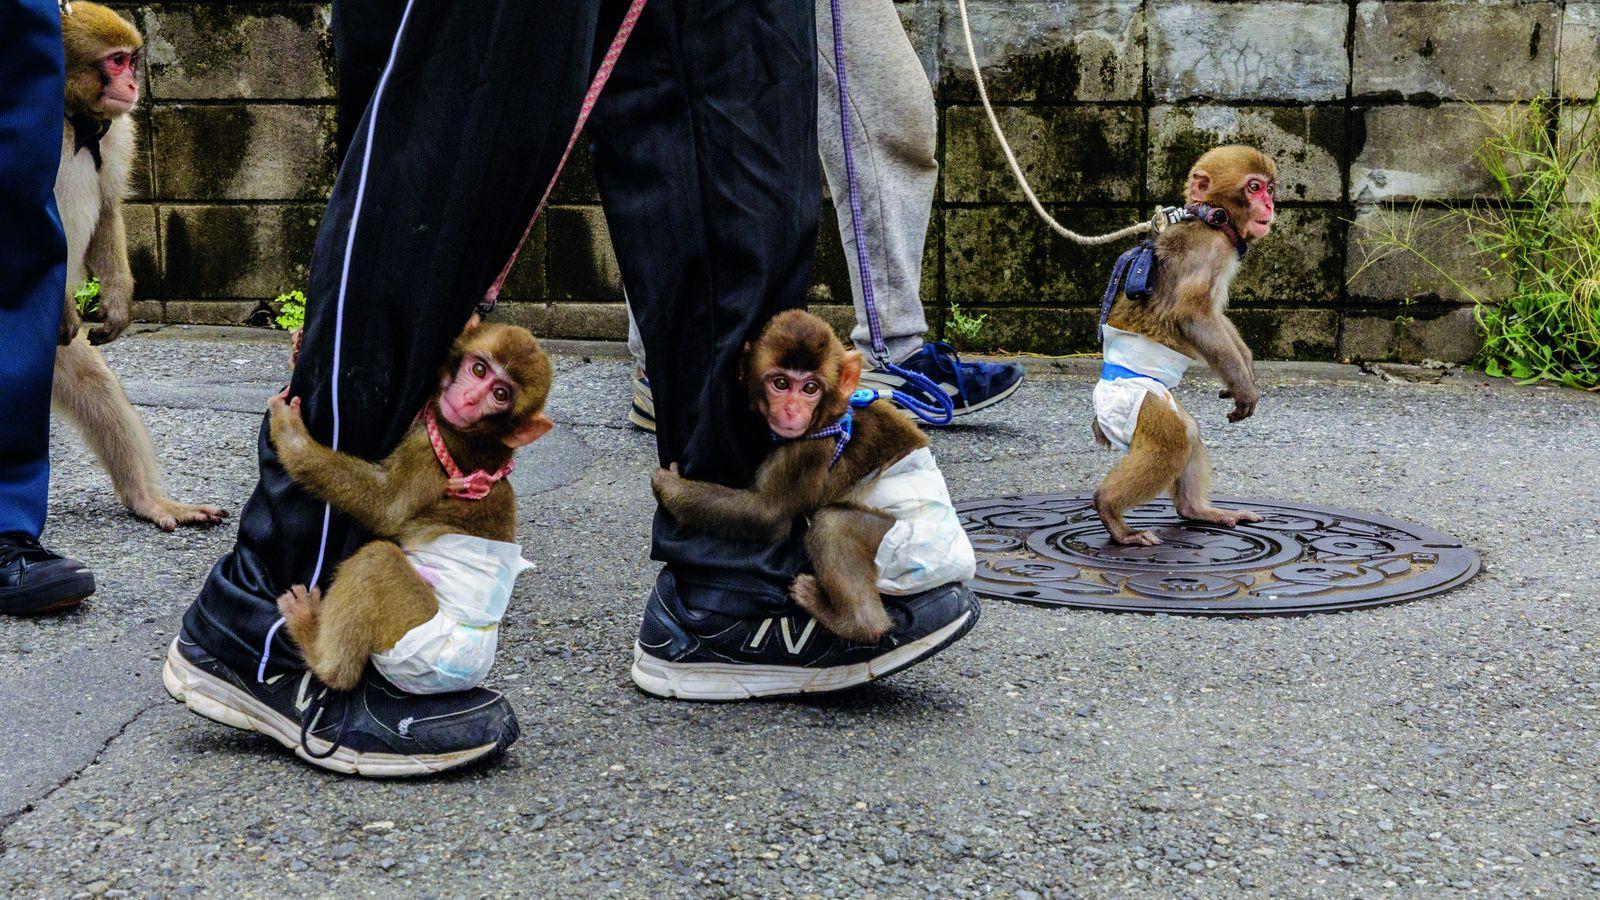 Entraînement au sarumawashi (spectacle de singes). On apprend à ces jeunes macaques à s'asseoir sur de ...